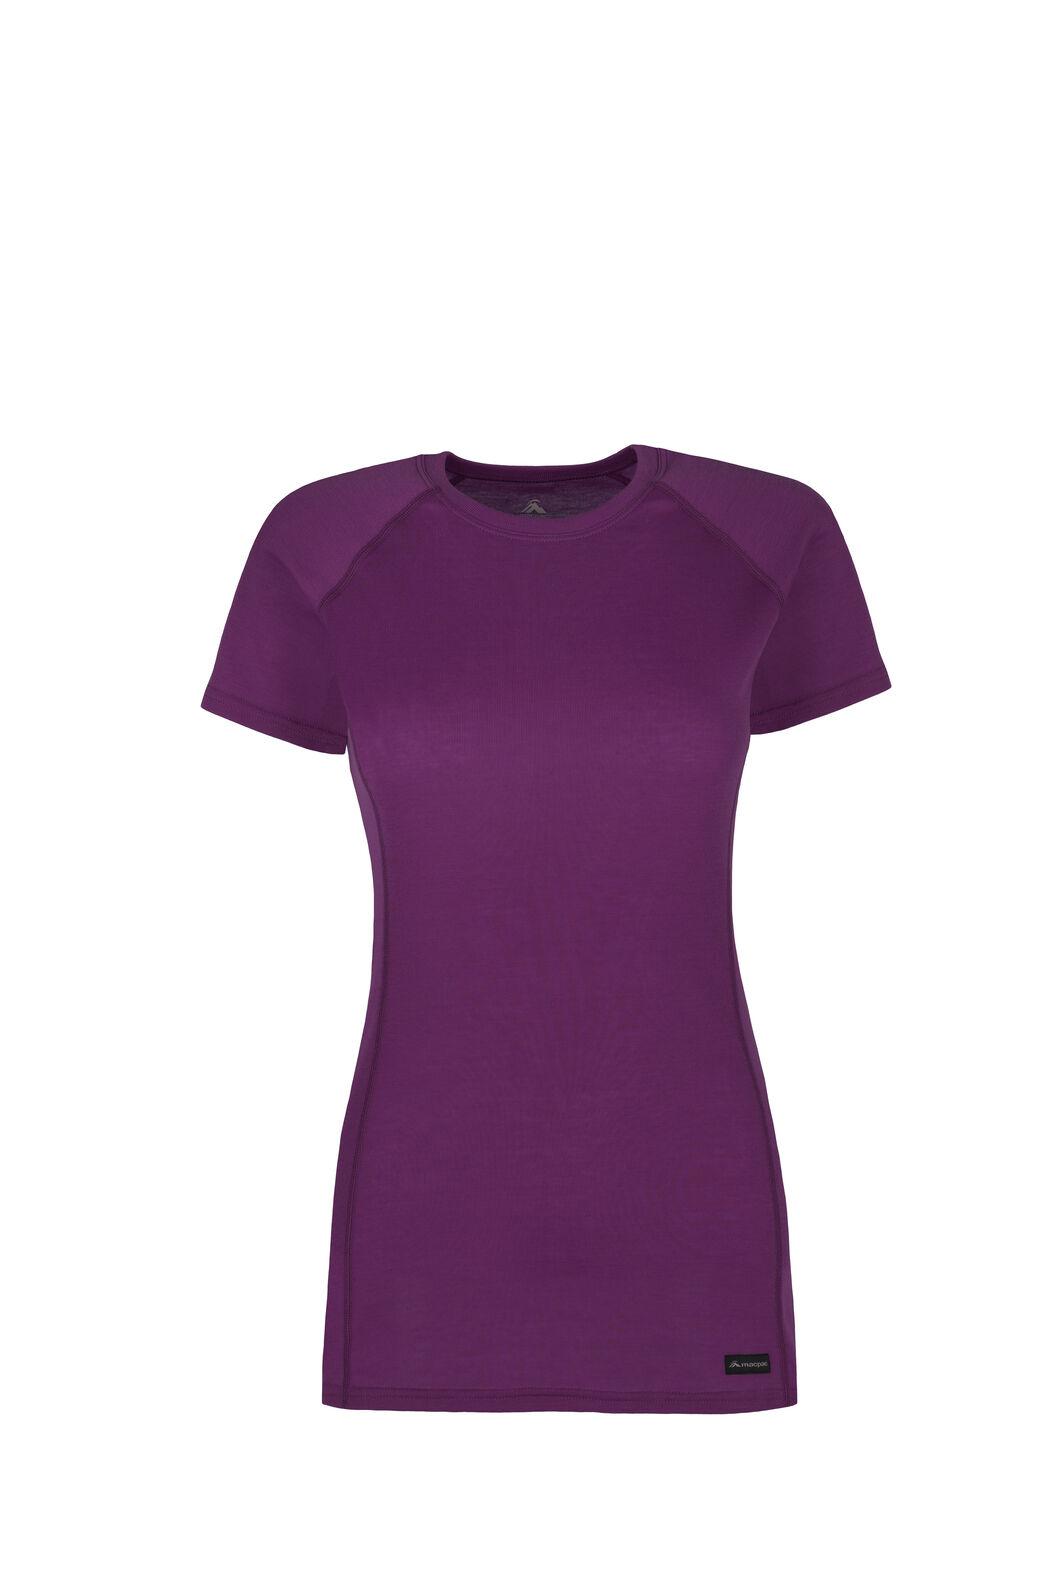 Macpac Geothermal Short Sleeve Top — Women's, Dahlia, hi-res